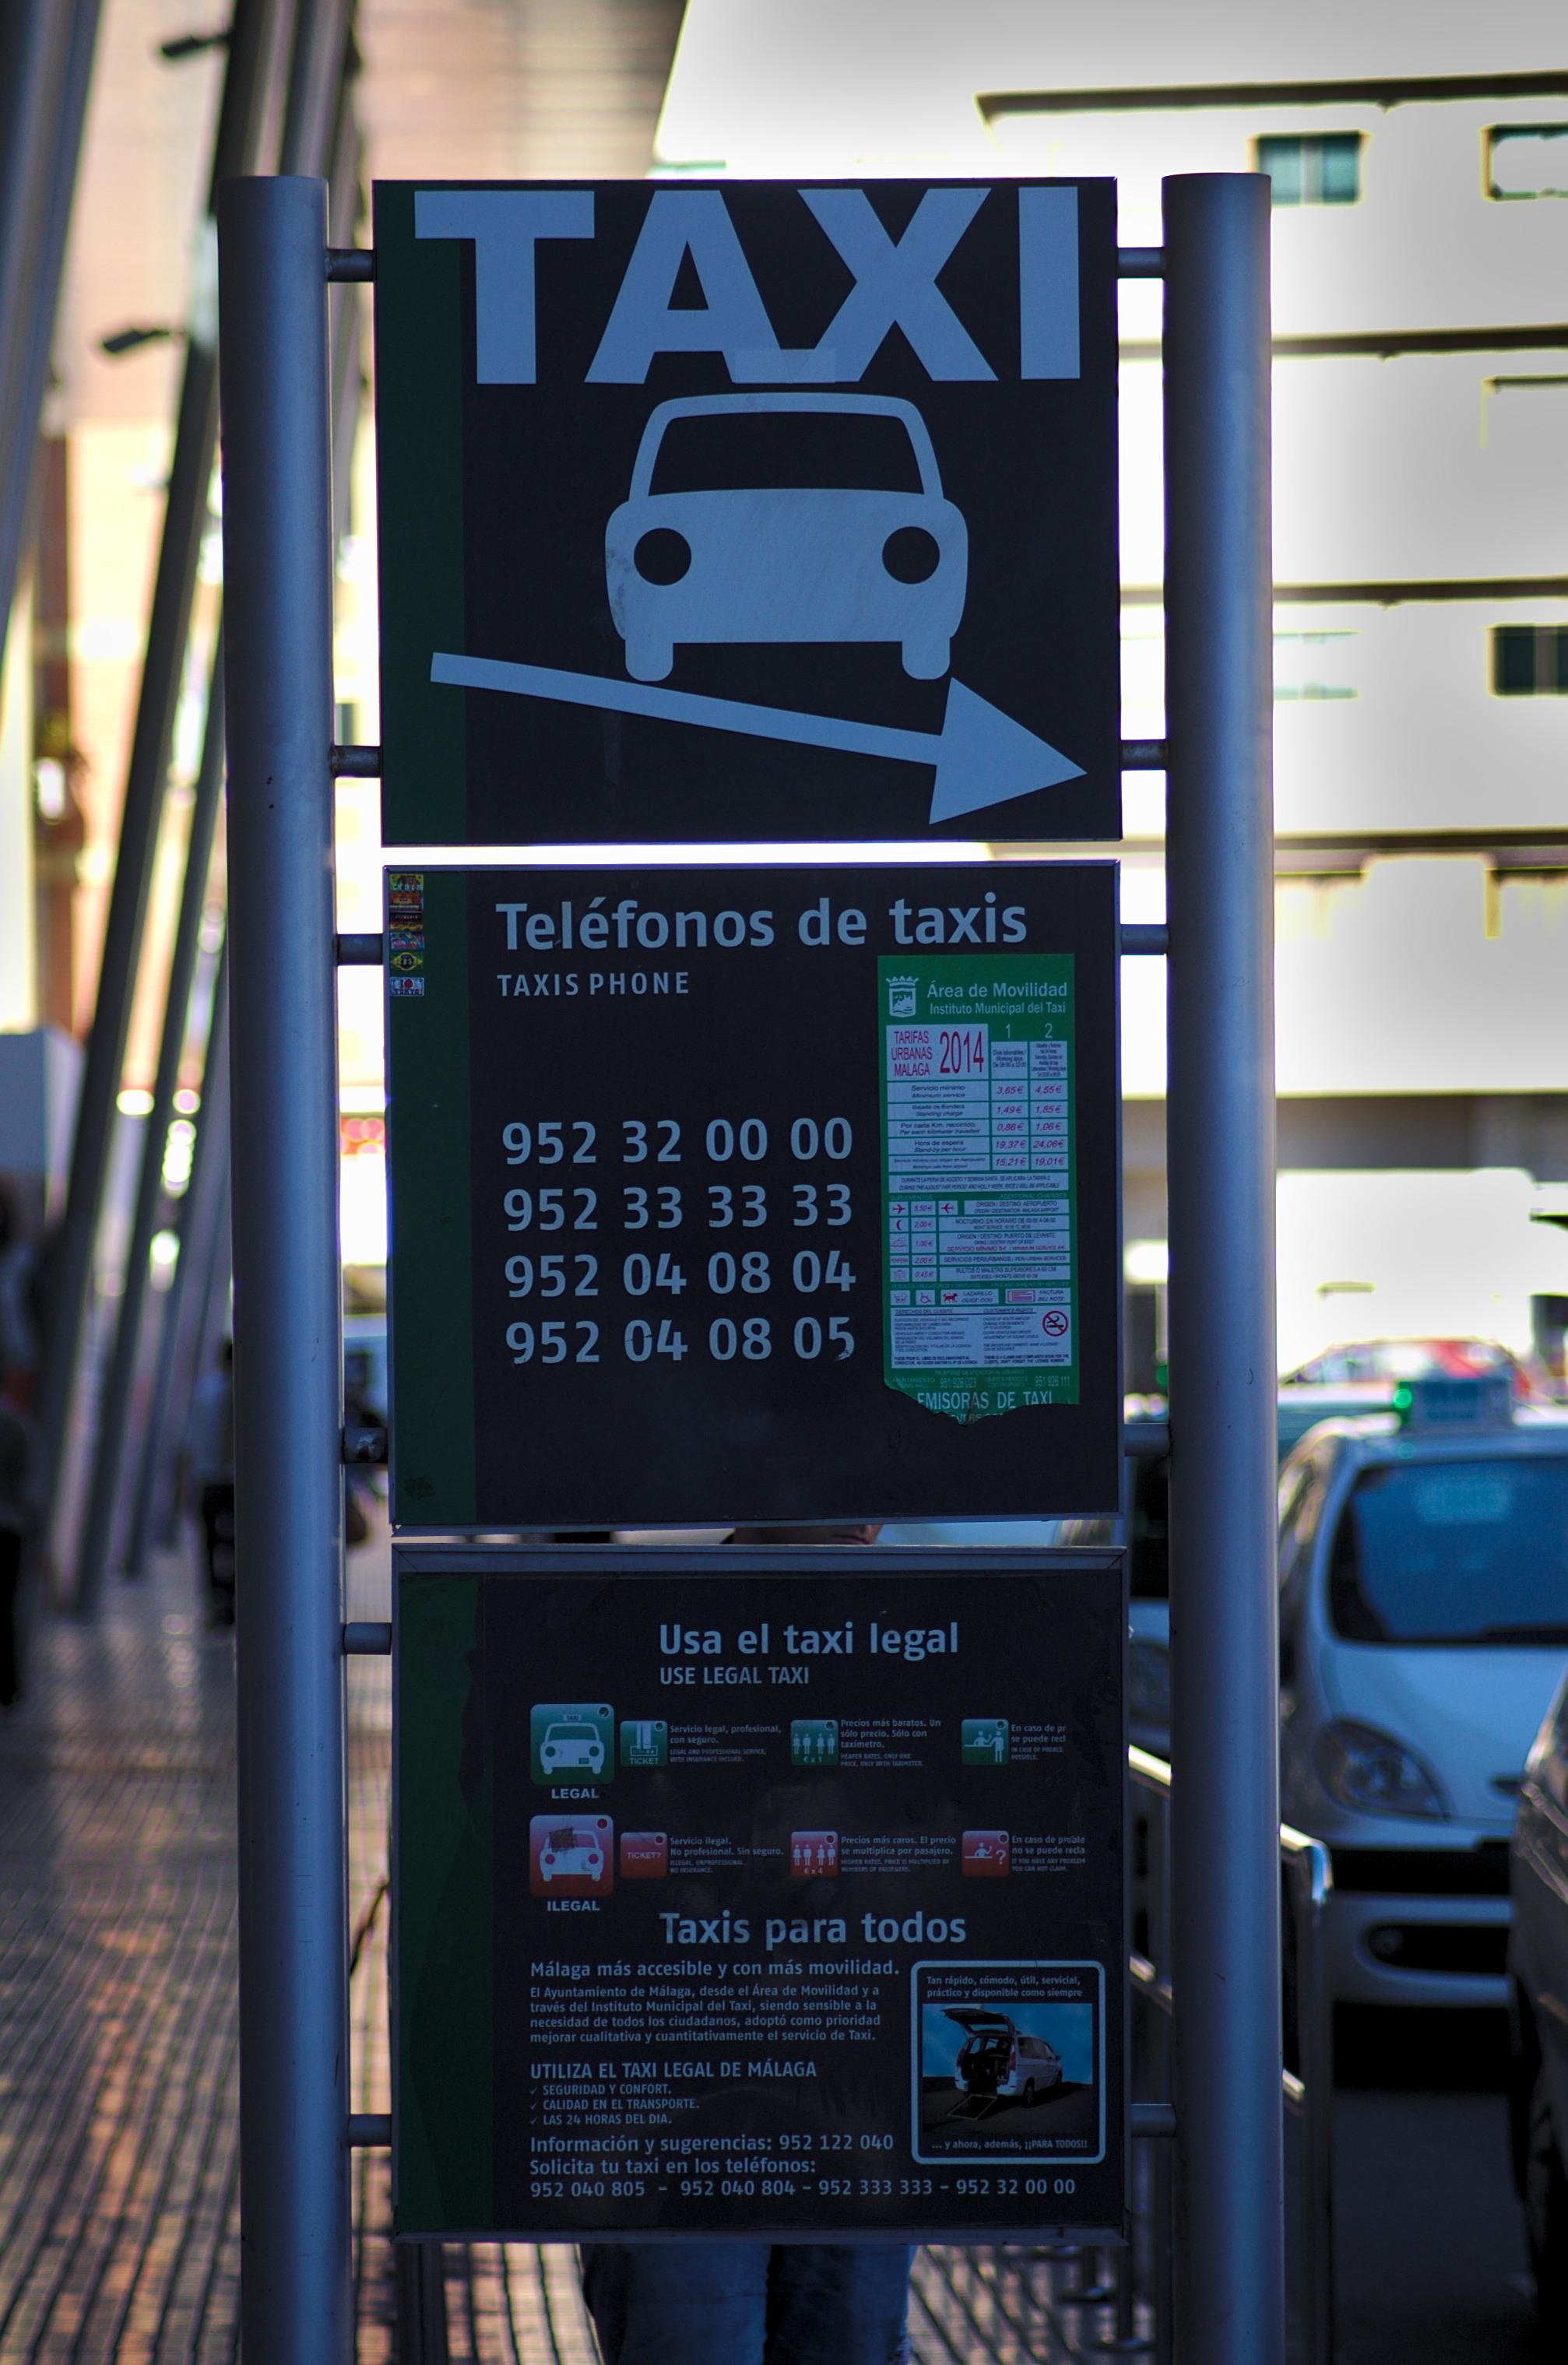 Taxi - Oficina municipal del taxi ...